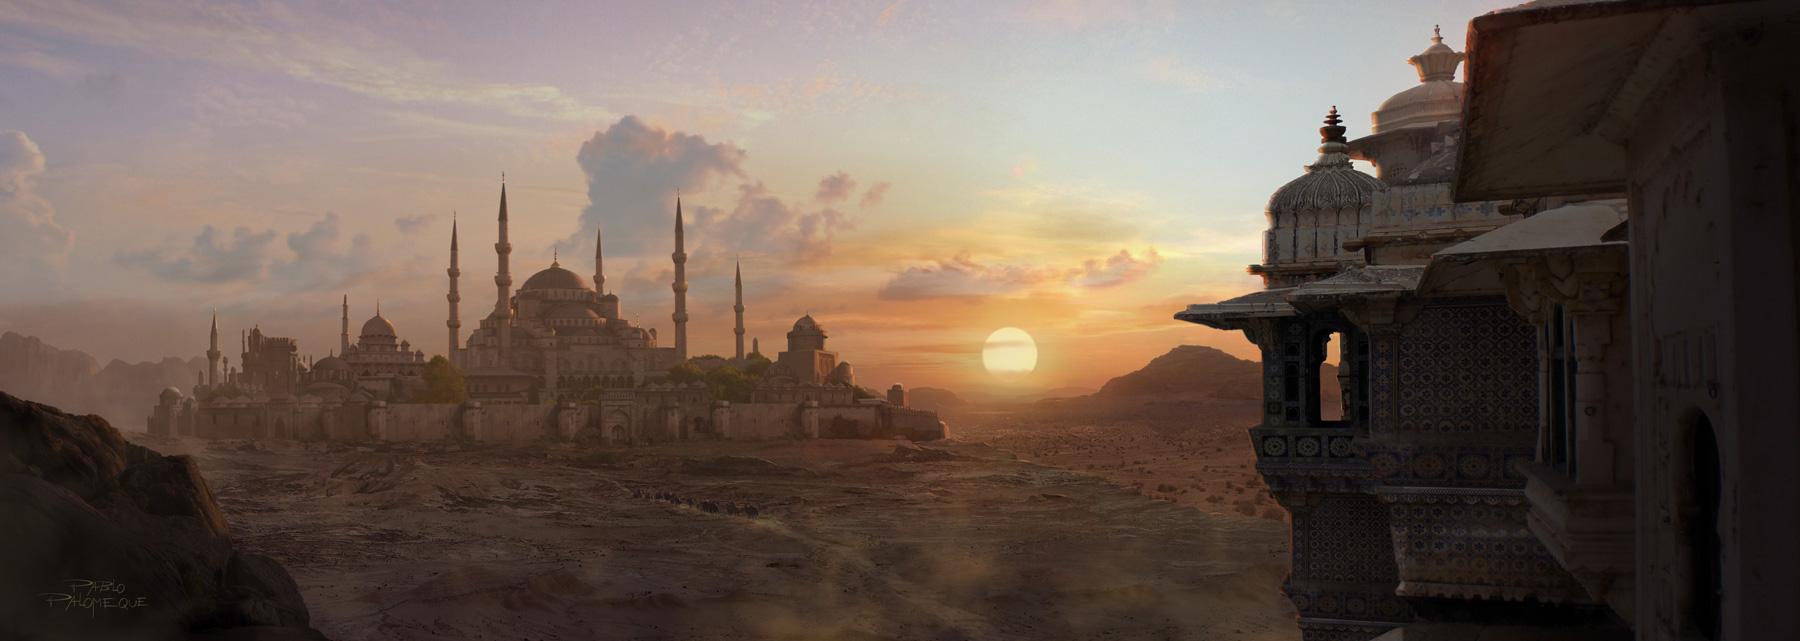 Pablo_Palomeque_Concept_Art_DESERT-SUNSET.jpg